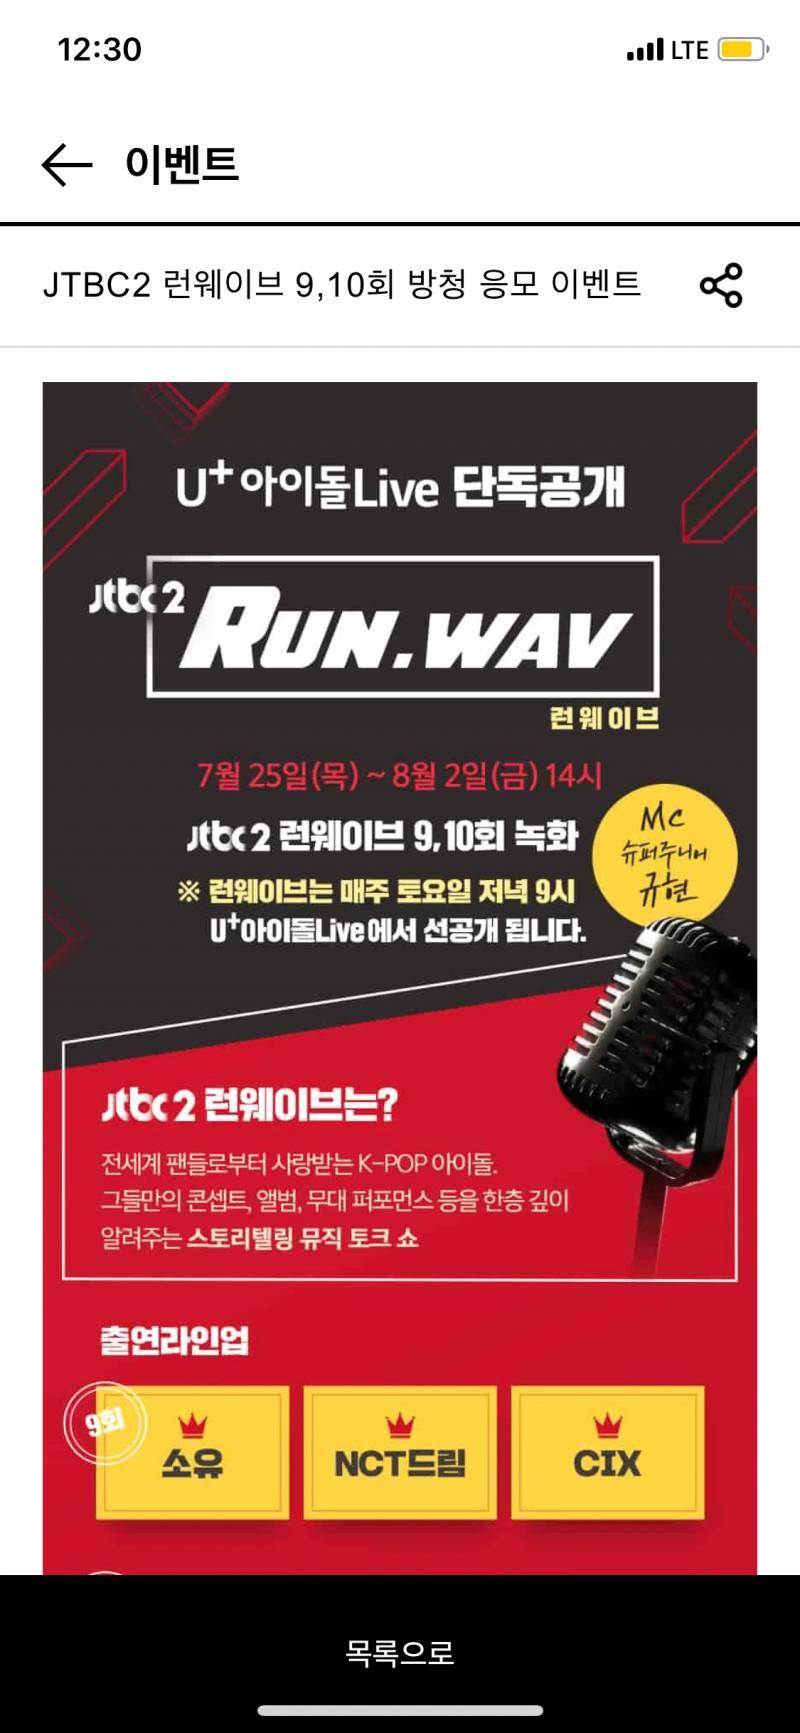 7일(수), CIX JTBC 런웨이브🌱 | 인스티즈